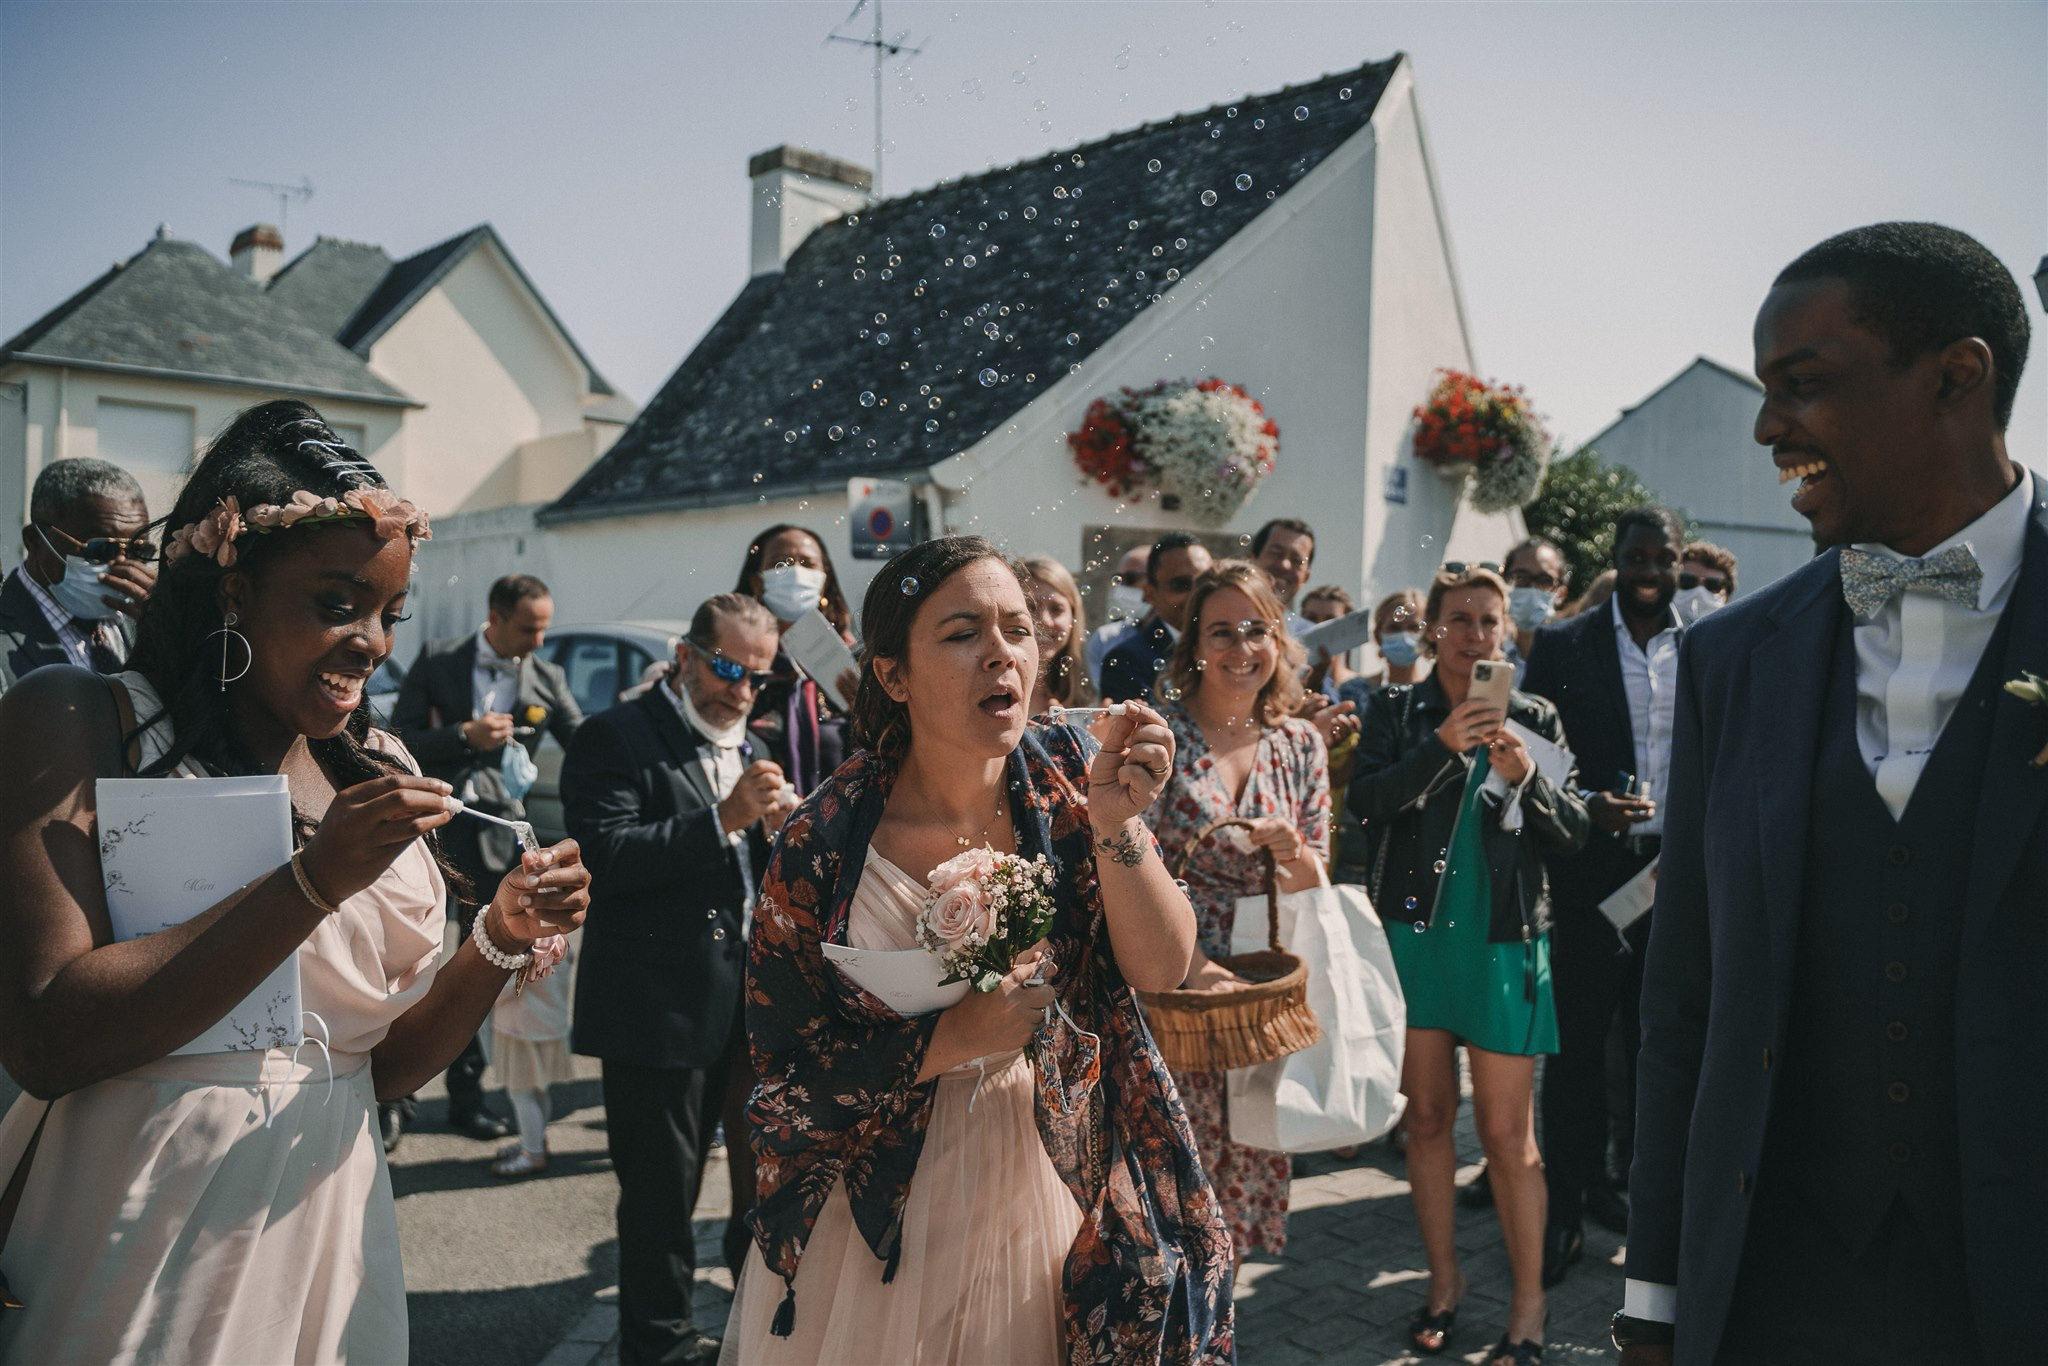 Elsa Yannick Photo De Mariage Au Manoir De Kerhuel À Plounéour Lanvern 20septembre12A7302684 Www.antoineborzeix.fr , Photographe & Videaste à Brest / Finistère